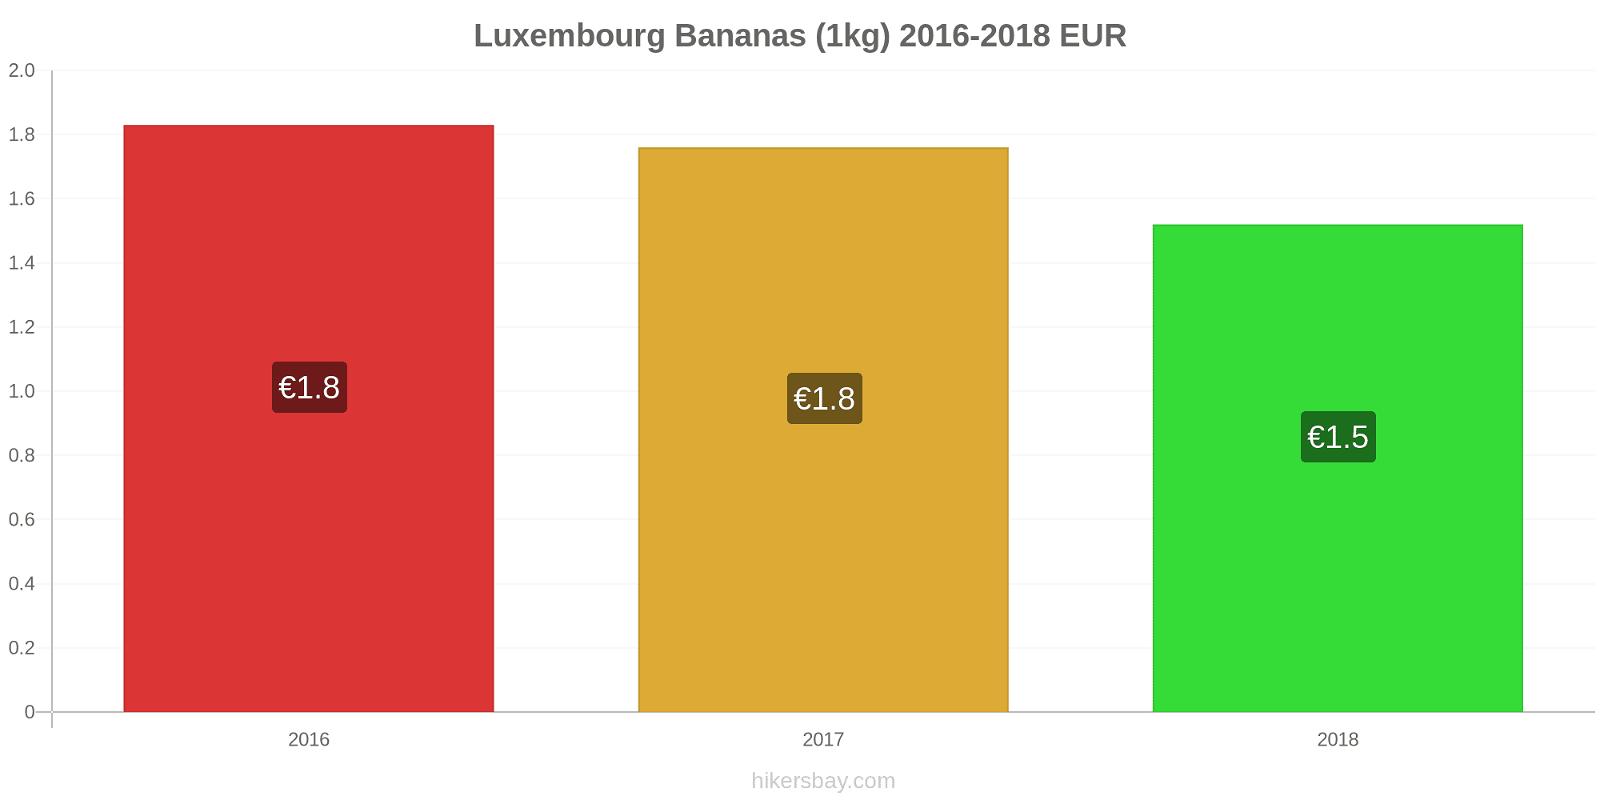 Luxembourg price changes Bananas (1kg) hikersbay.com